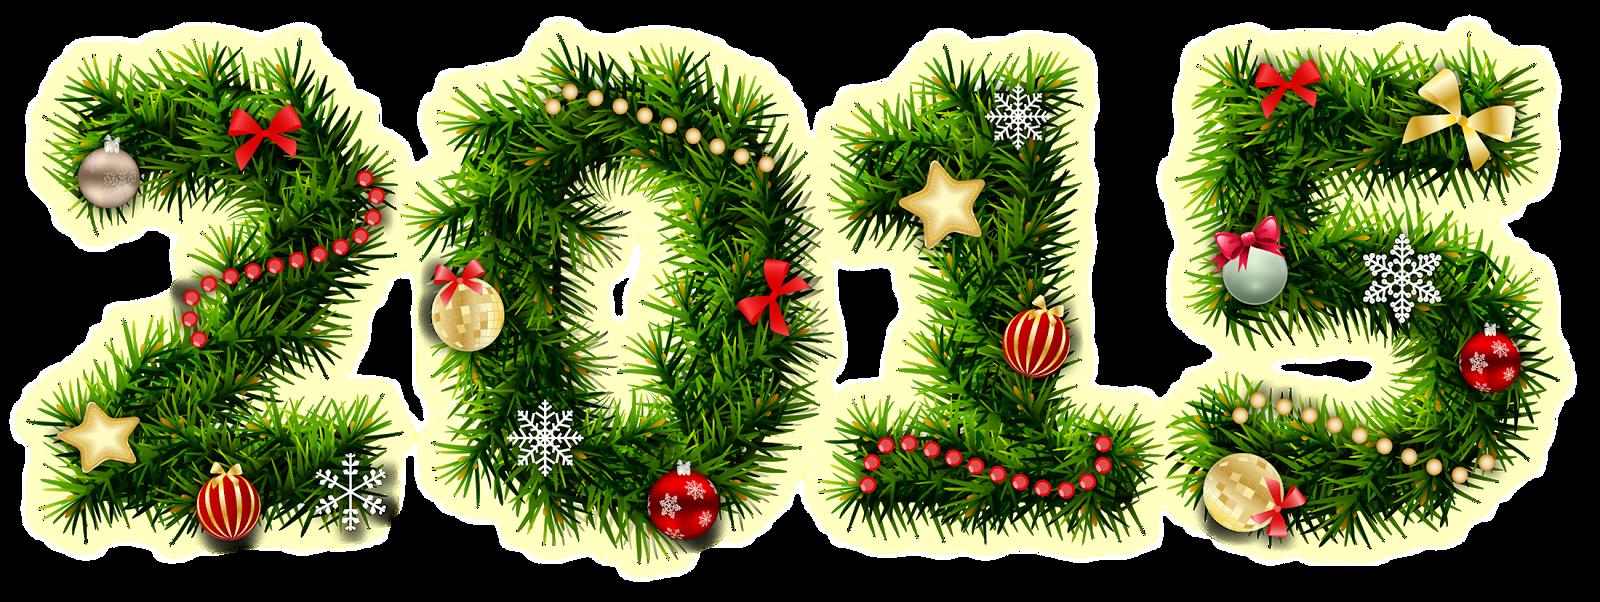 Ramas de árbol navideño formando el año 2015